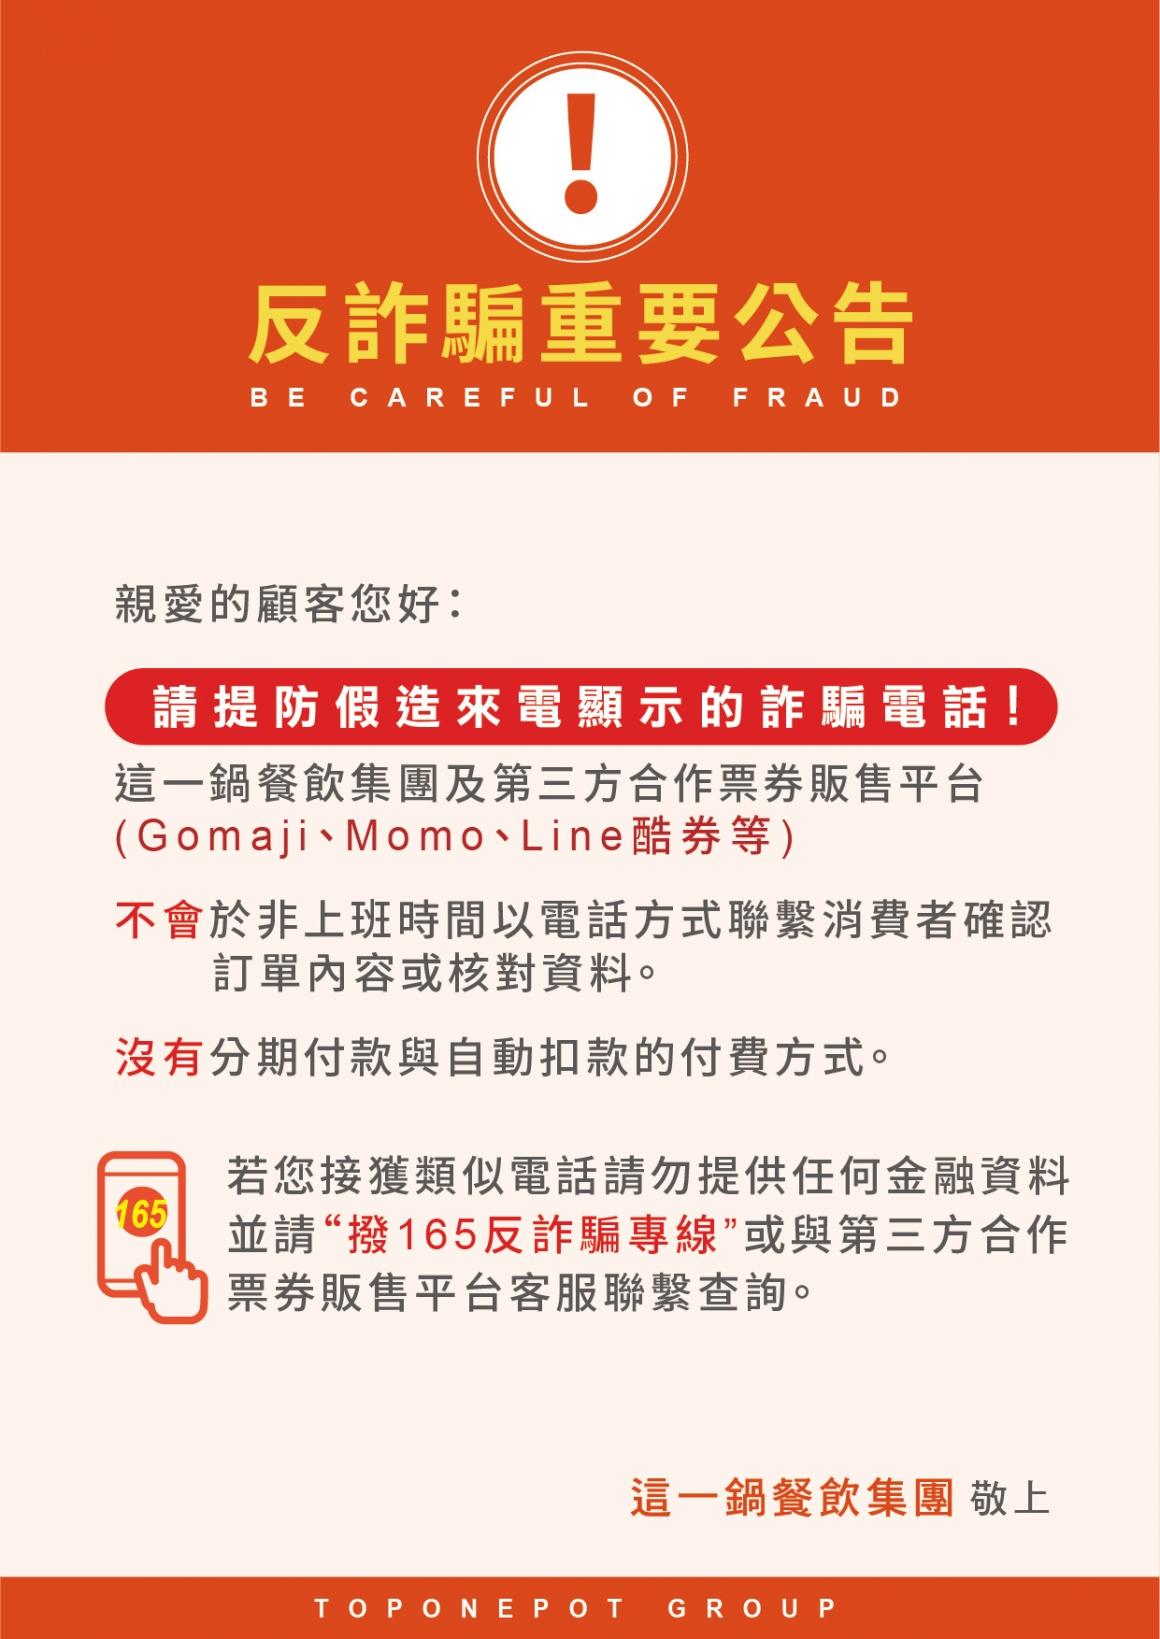 201130-這一鍋集團-反詐騙重要公告-A4_工作區域 1